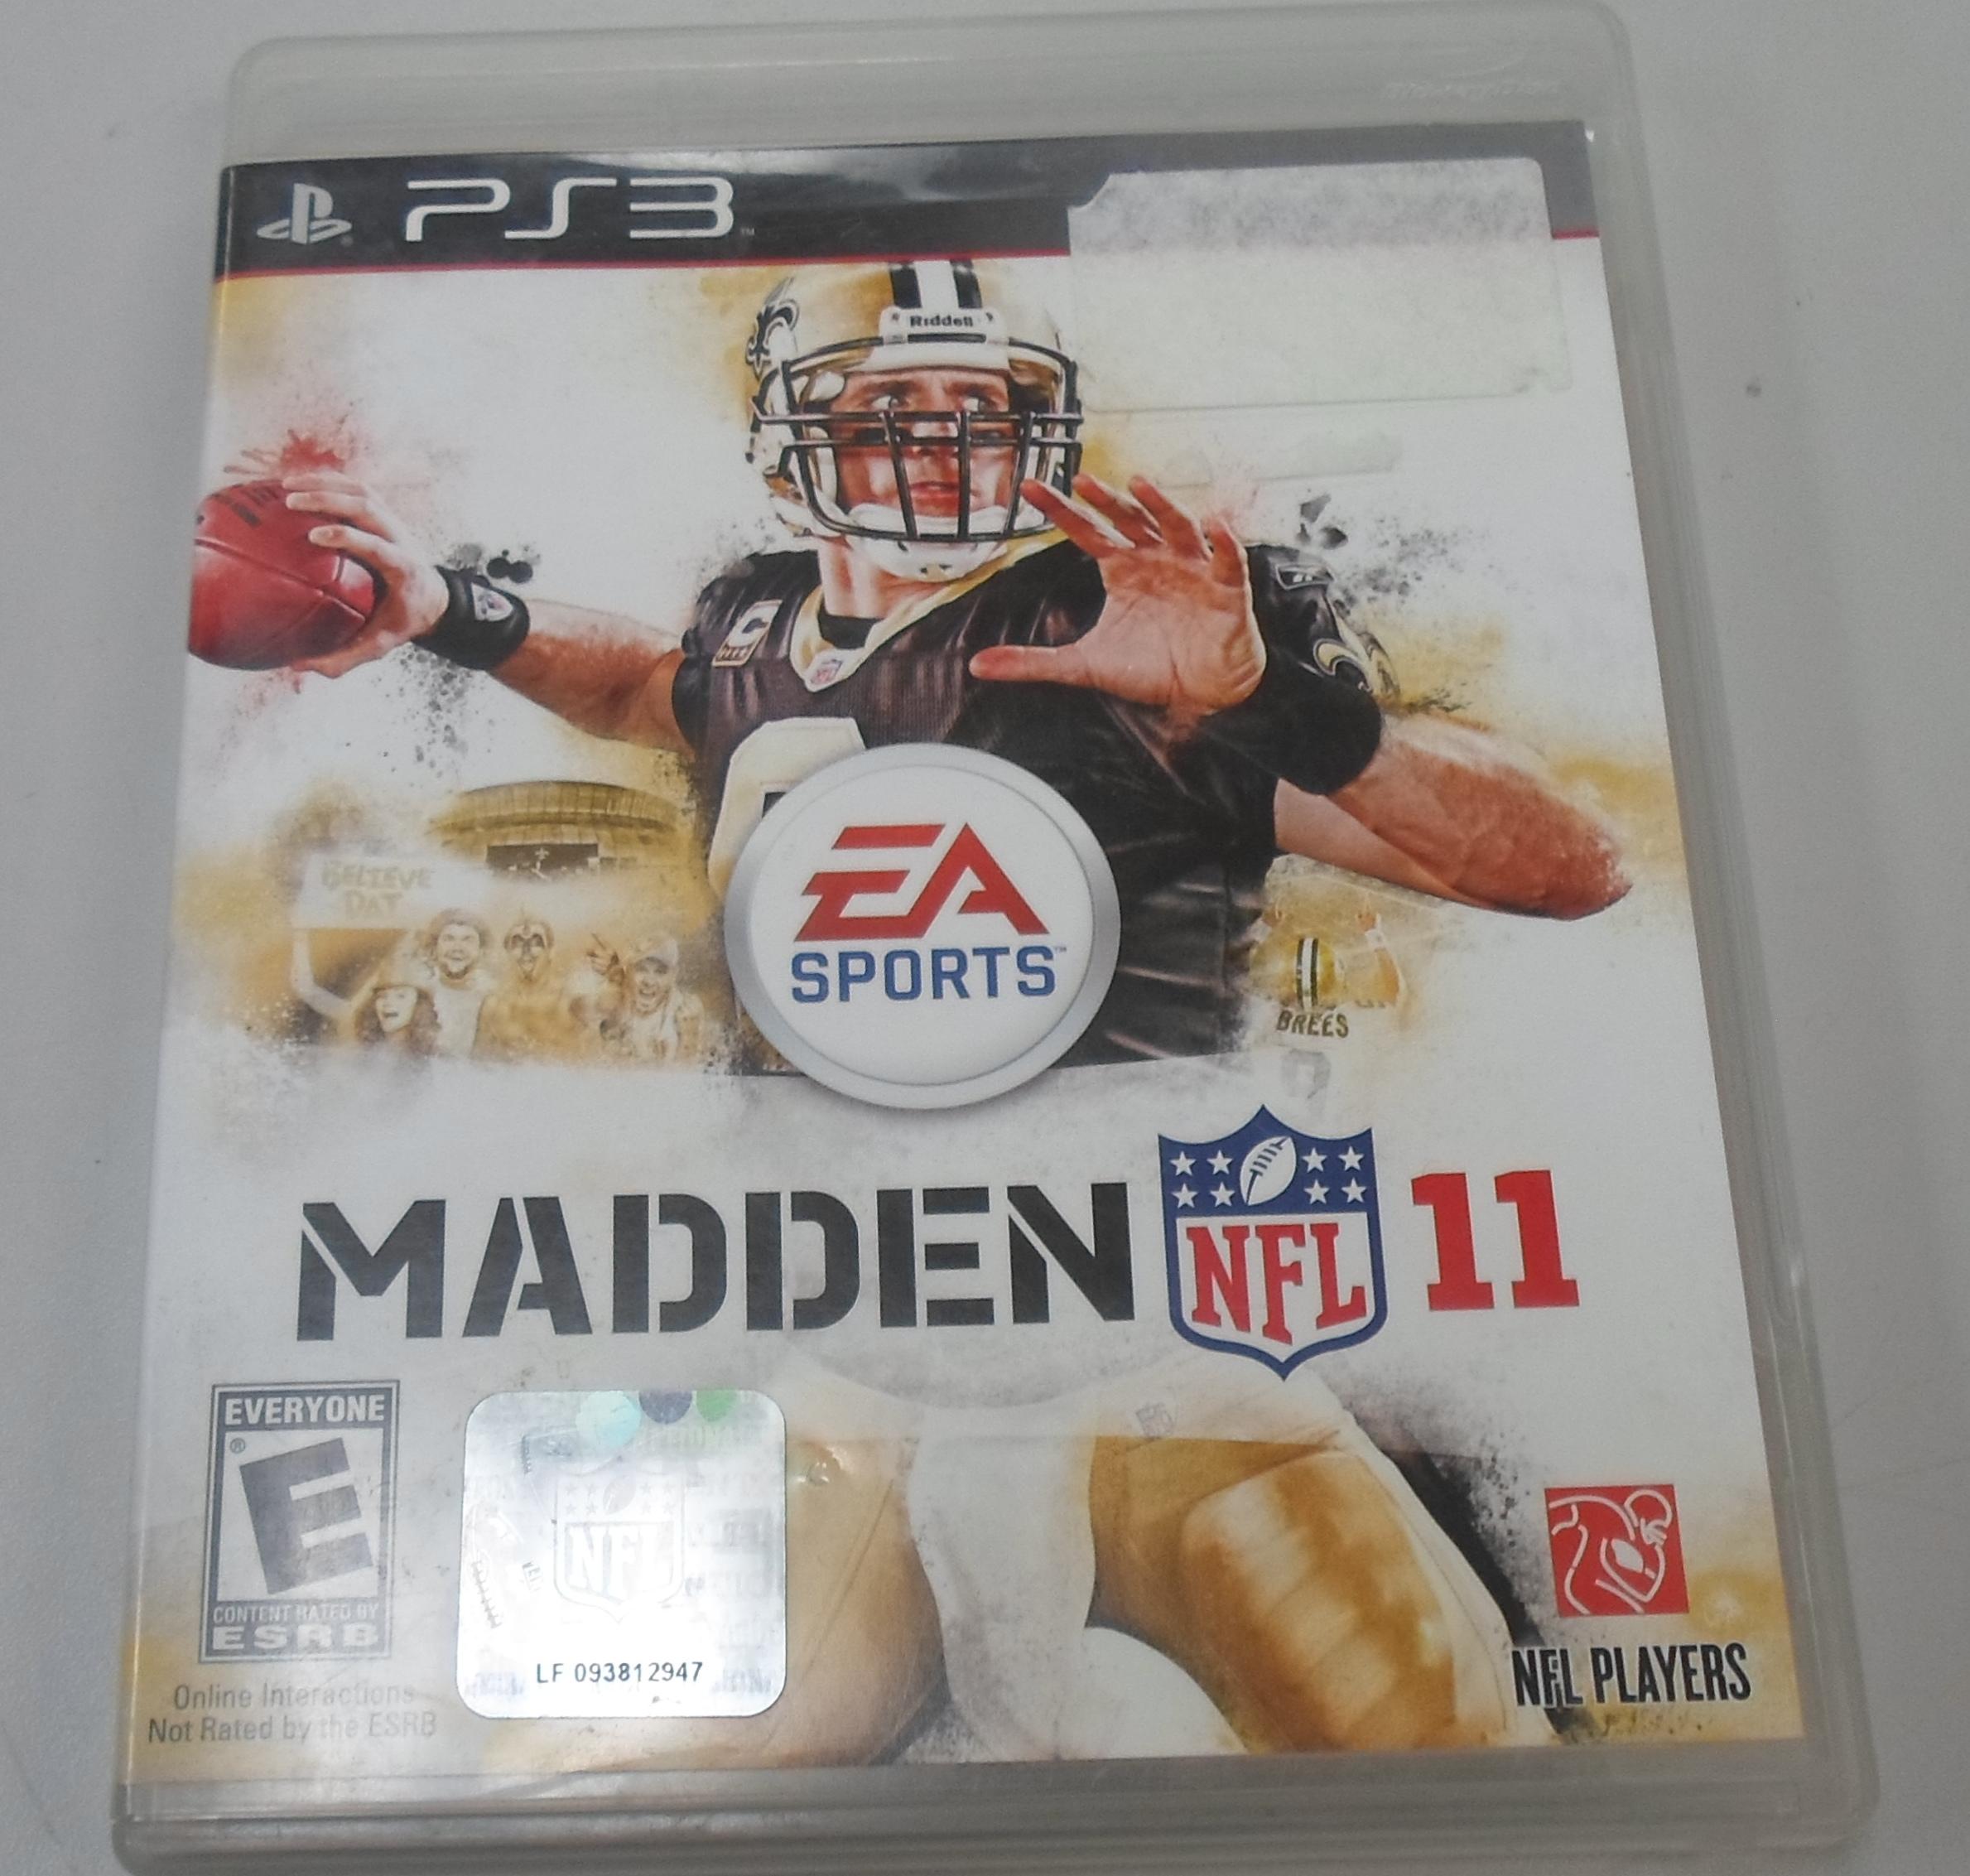 MADDEN NFL 11 - PLAYSTATION 3 GAME